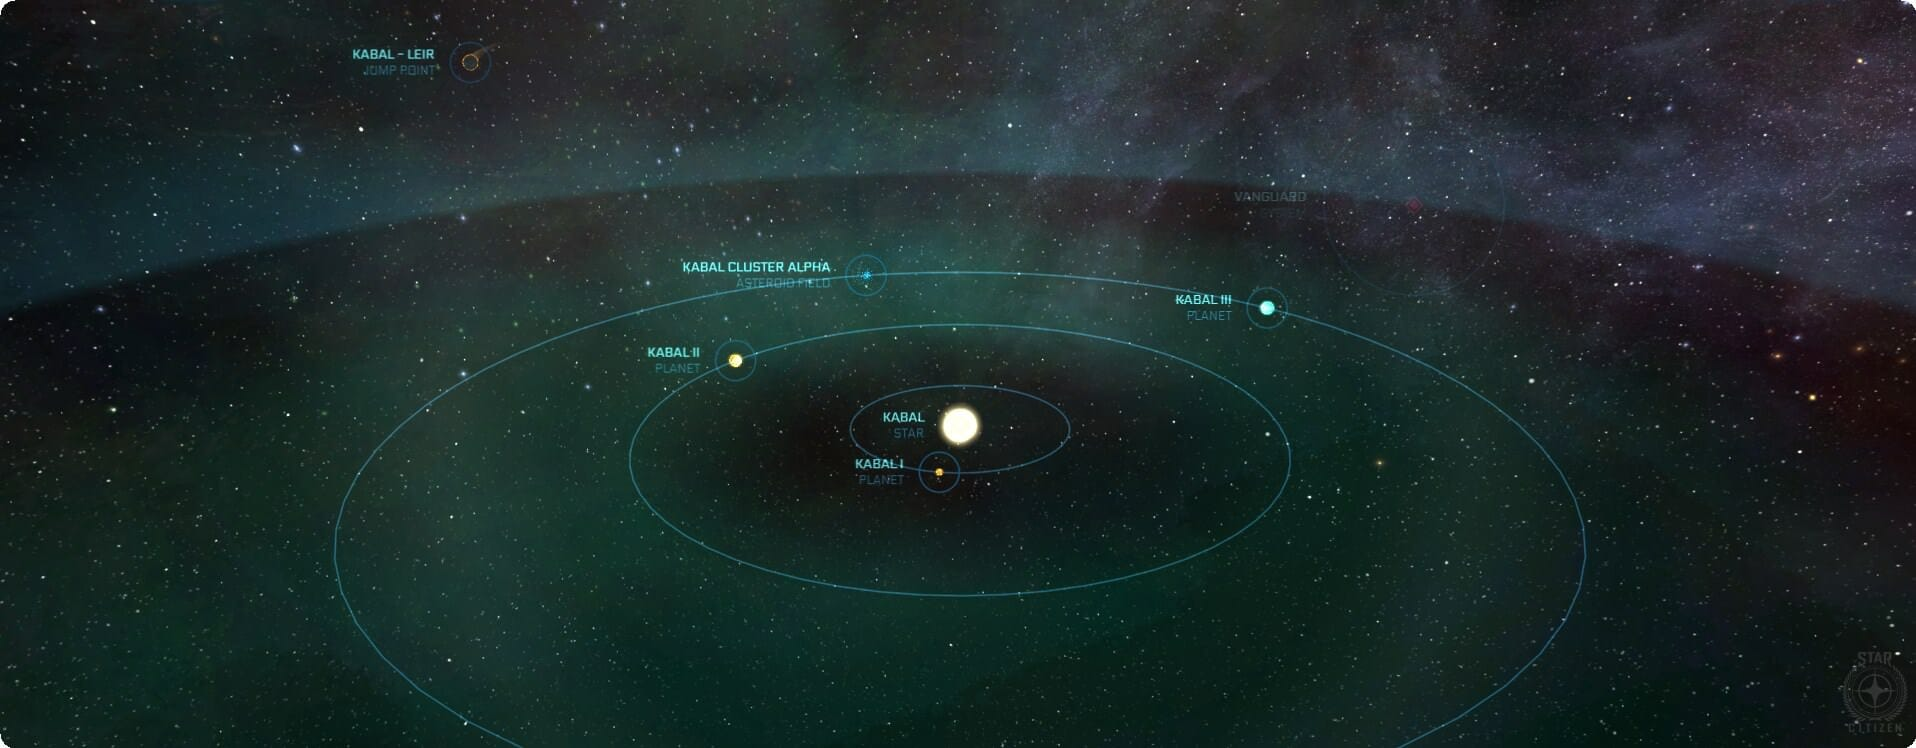 Mappa Stellare Completata